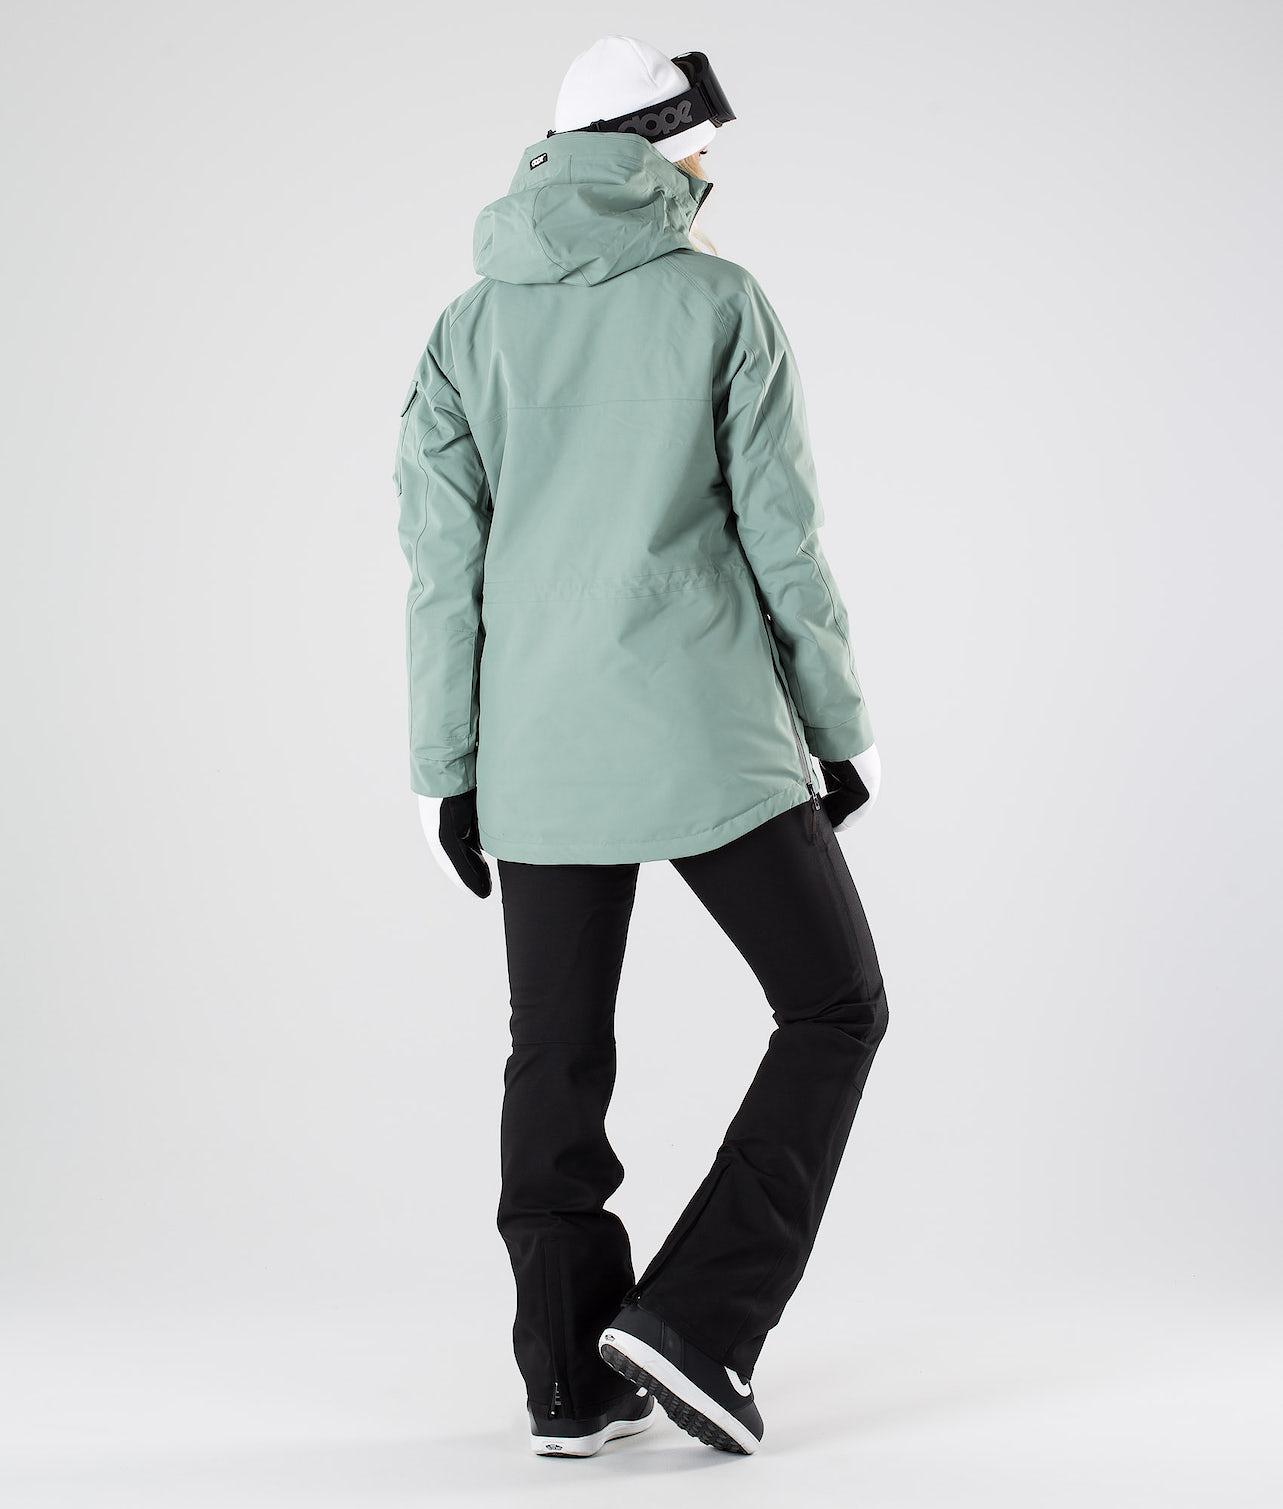 Kjøp Akin W Snowboardjakke fra Dope på Ridestore.no - Hos oss har du alltid fri frakt, fri retur og 30 dagers åpent kjøp!